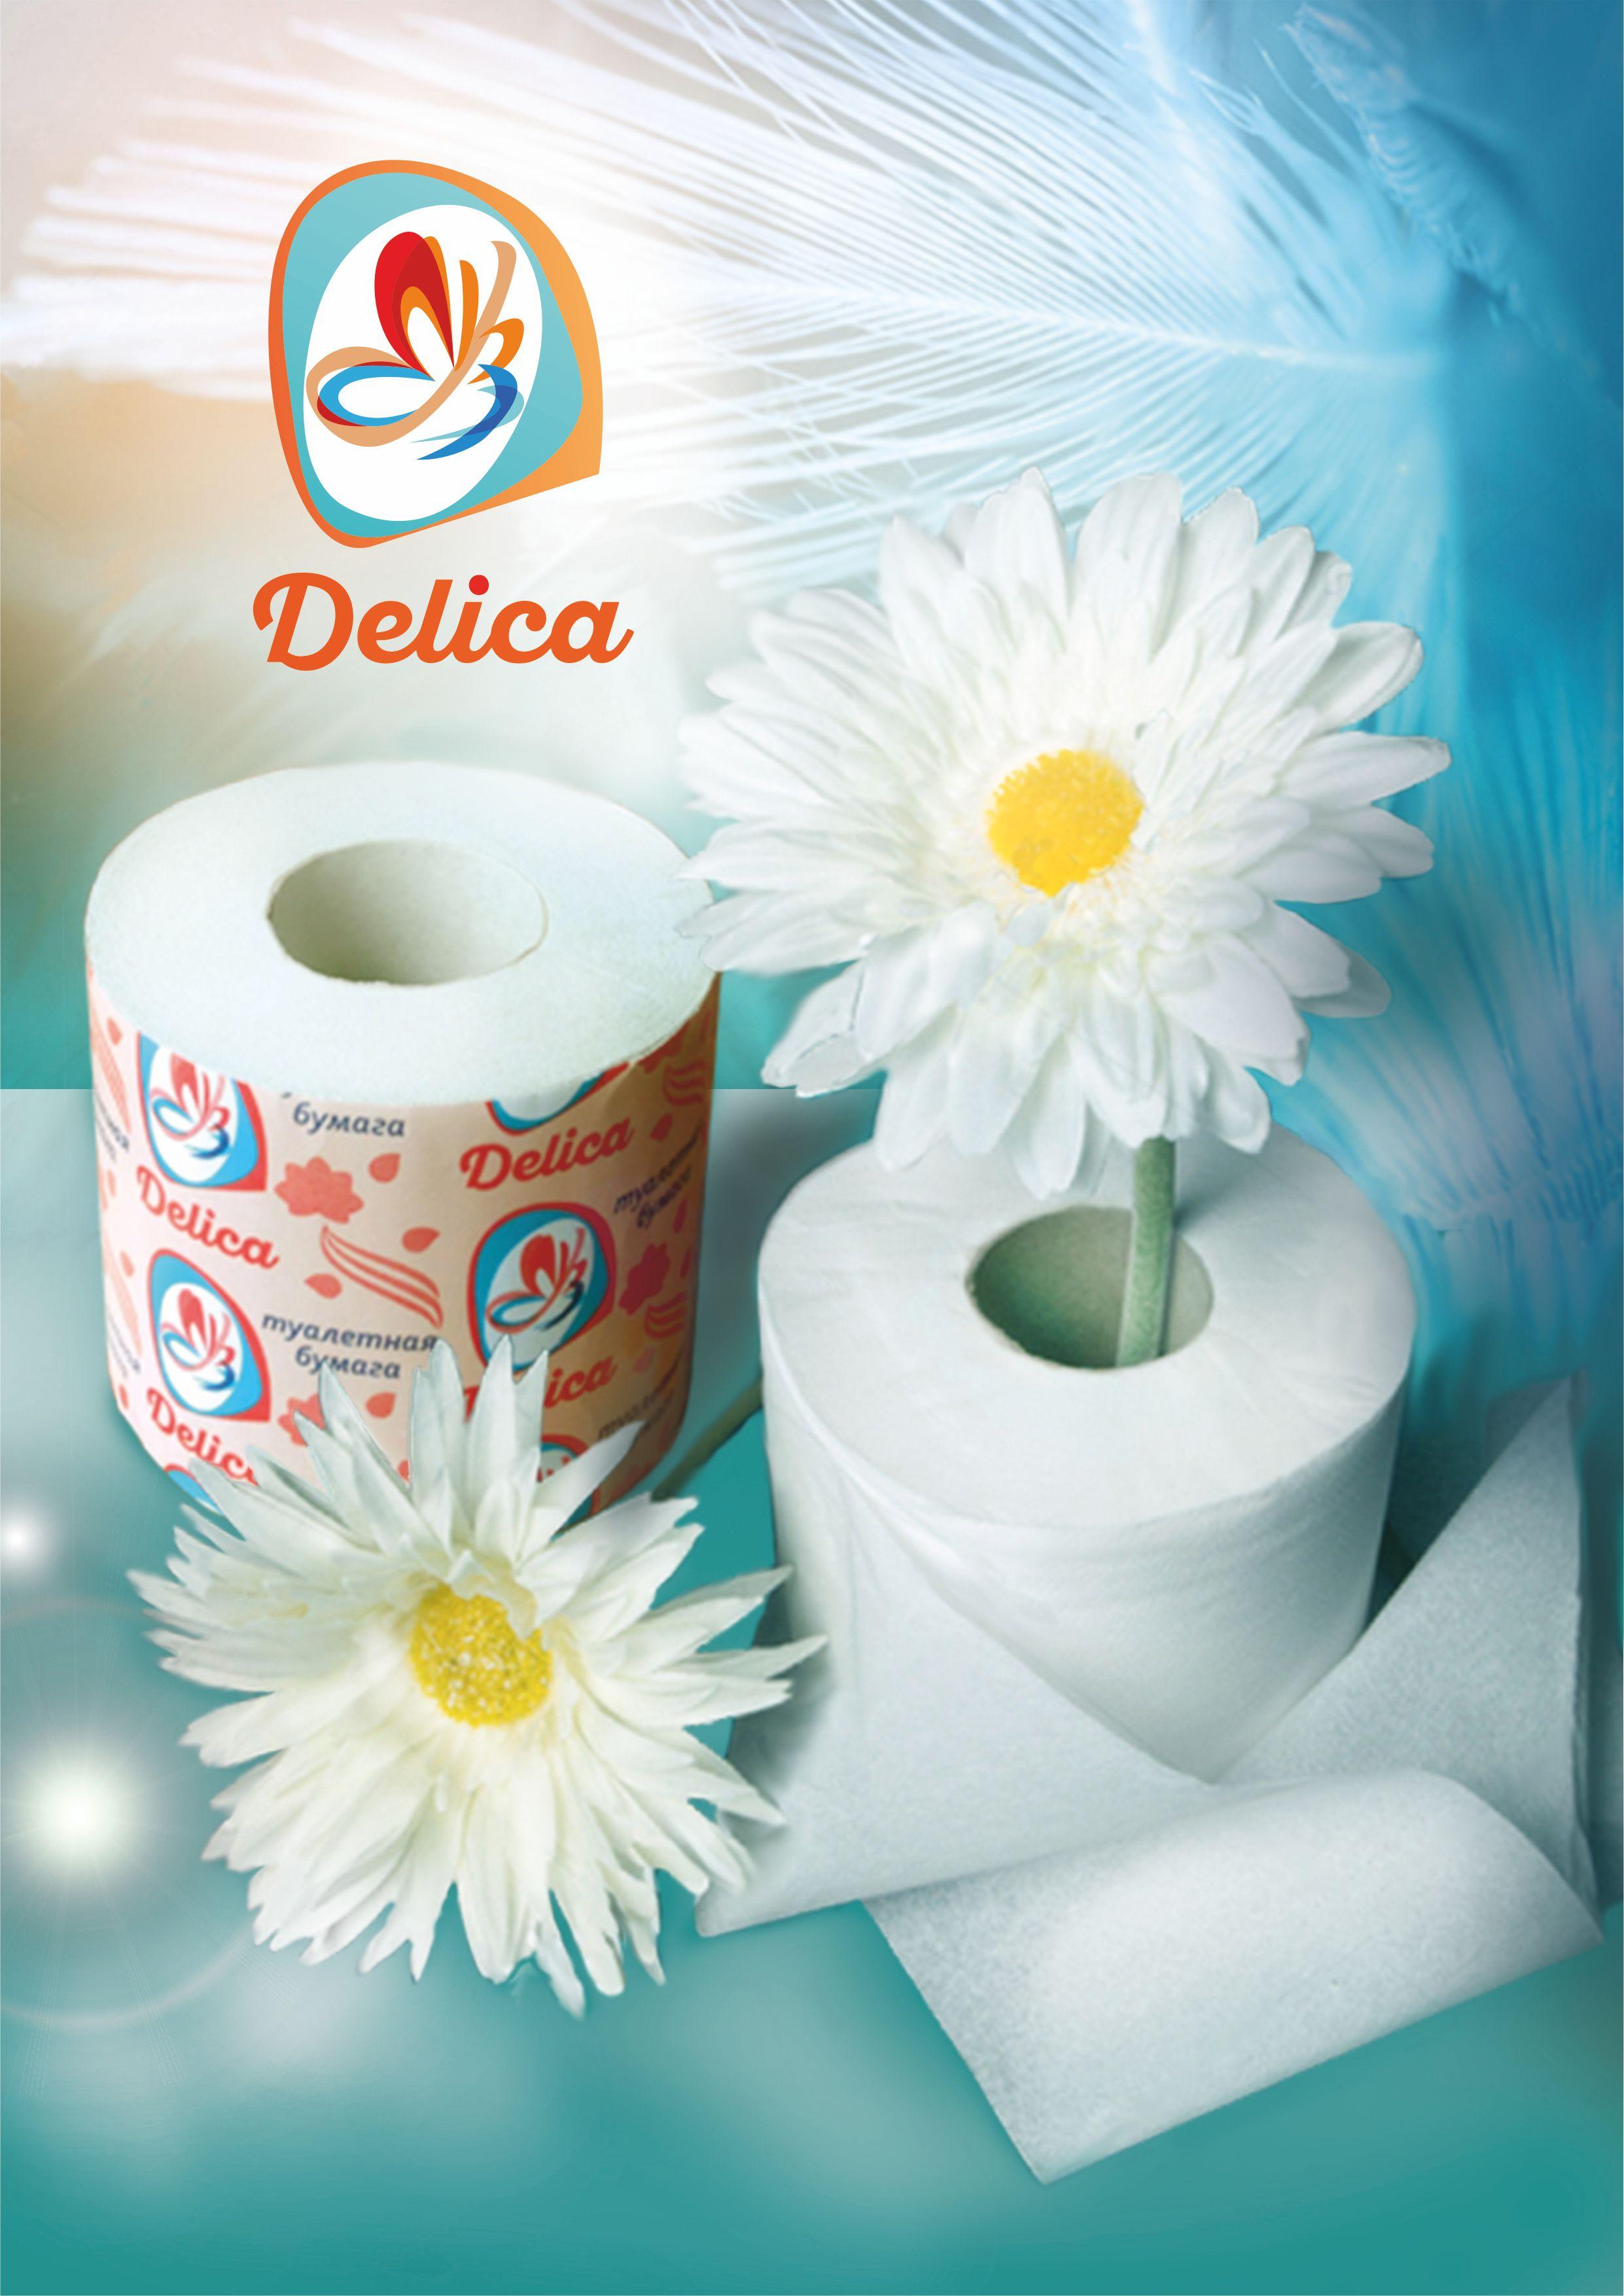 туалетная бумага оптом от производителя делика